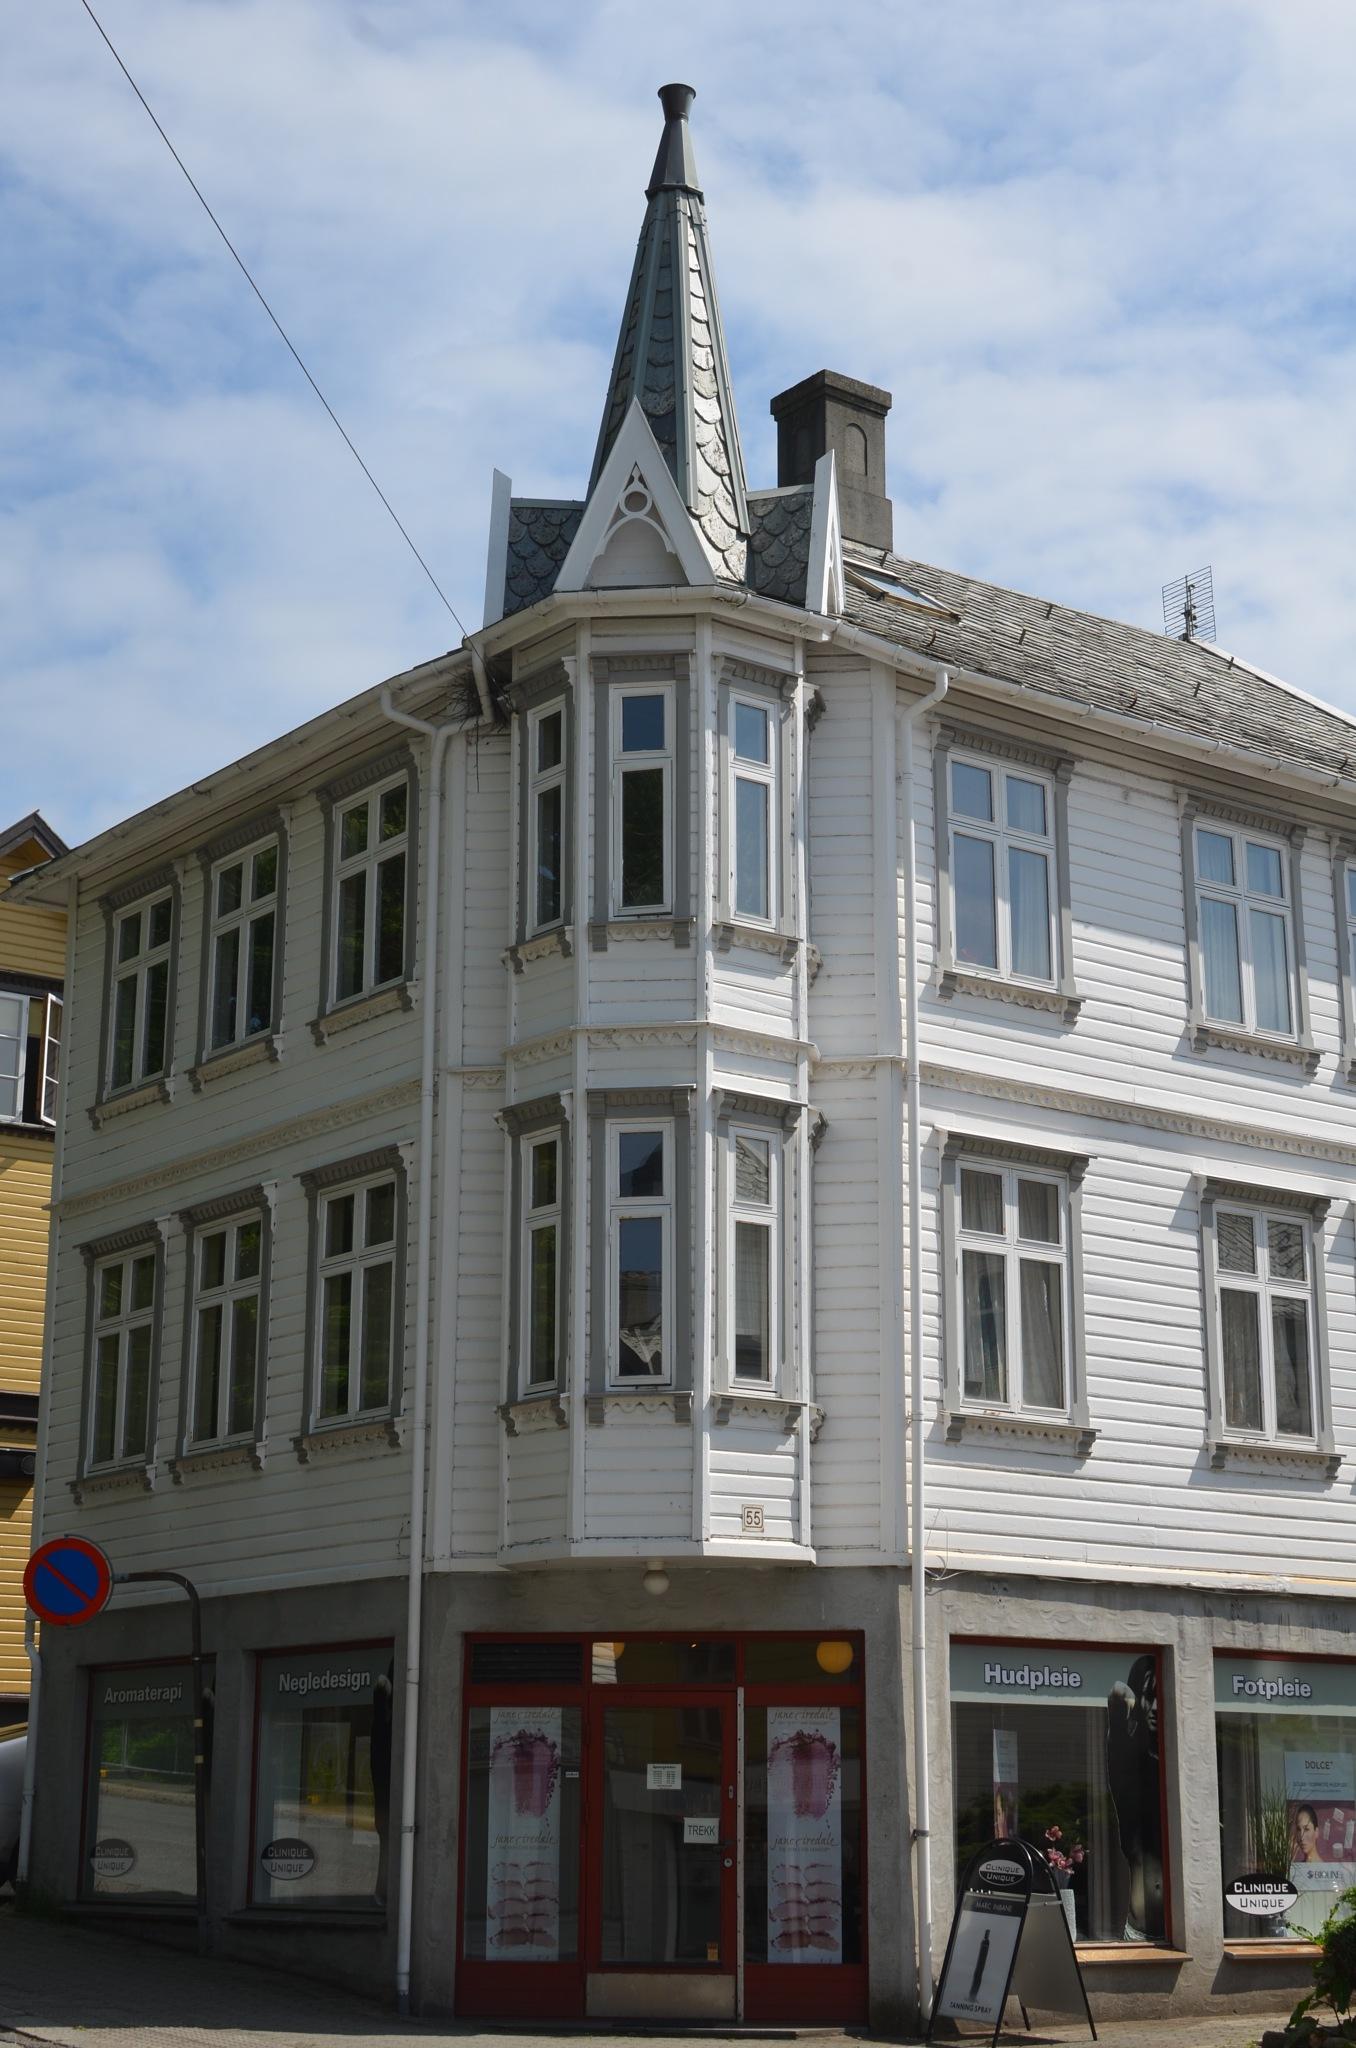 Architecture Haugesund 1.003 by Lars-Toralf Utnes Storstrand